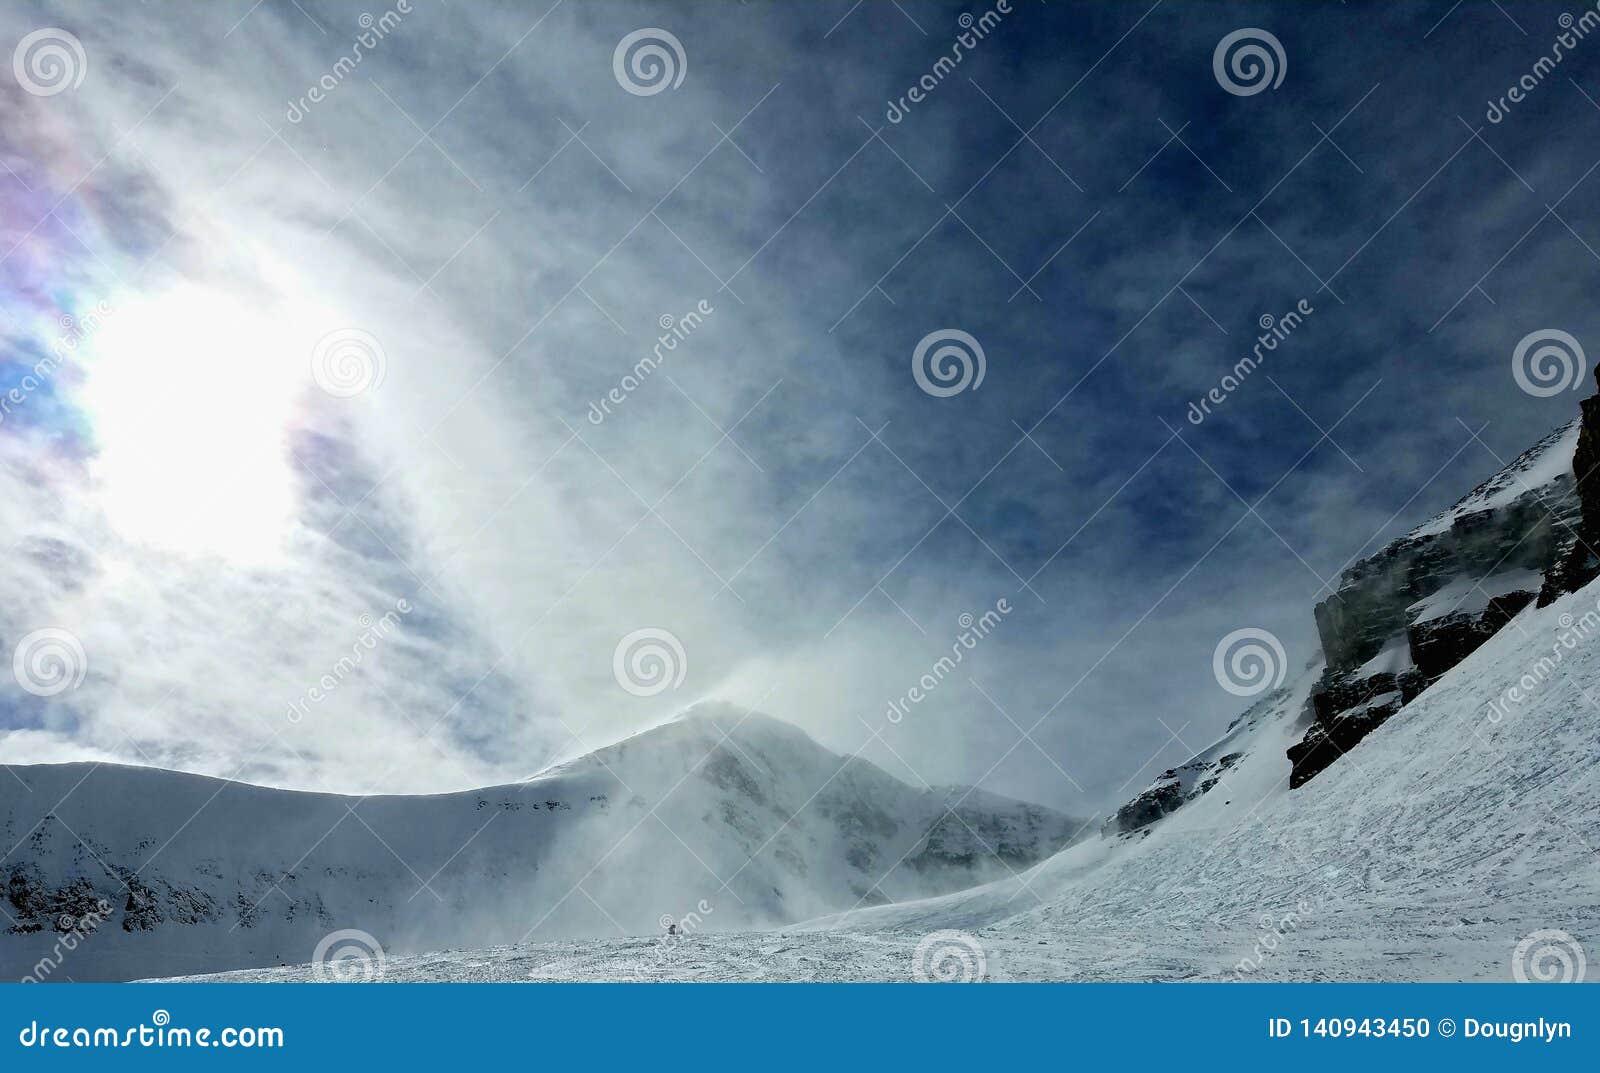 Φυσώντας ζωηρός ουρανός χιονιού